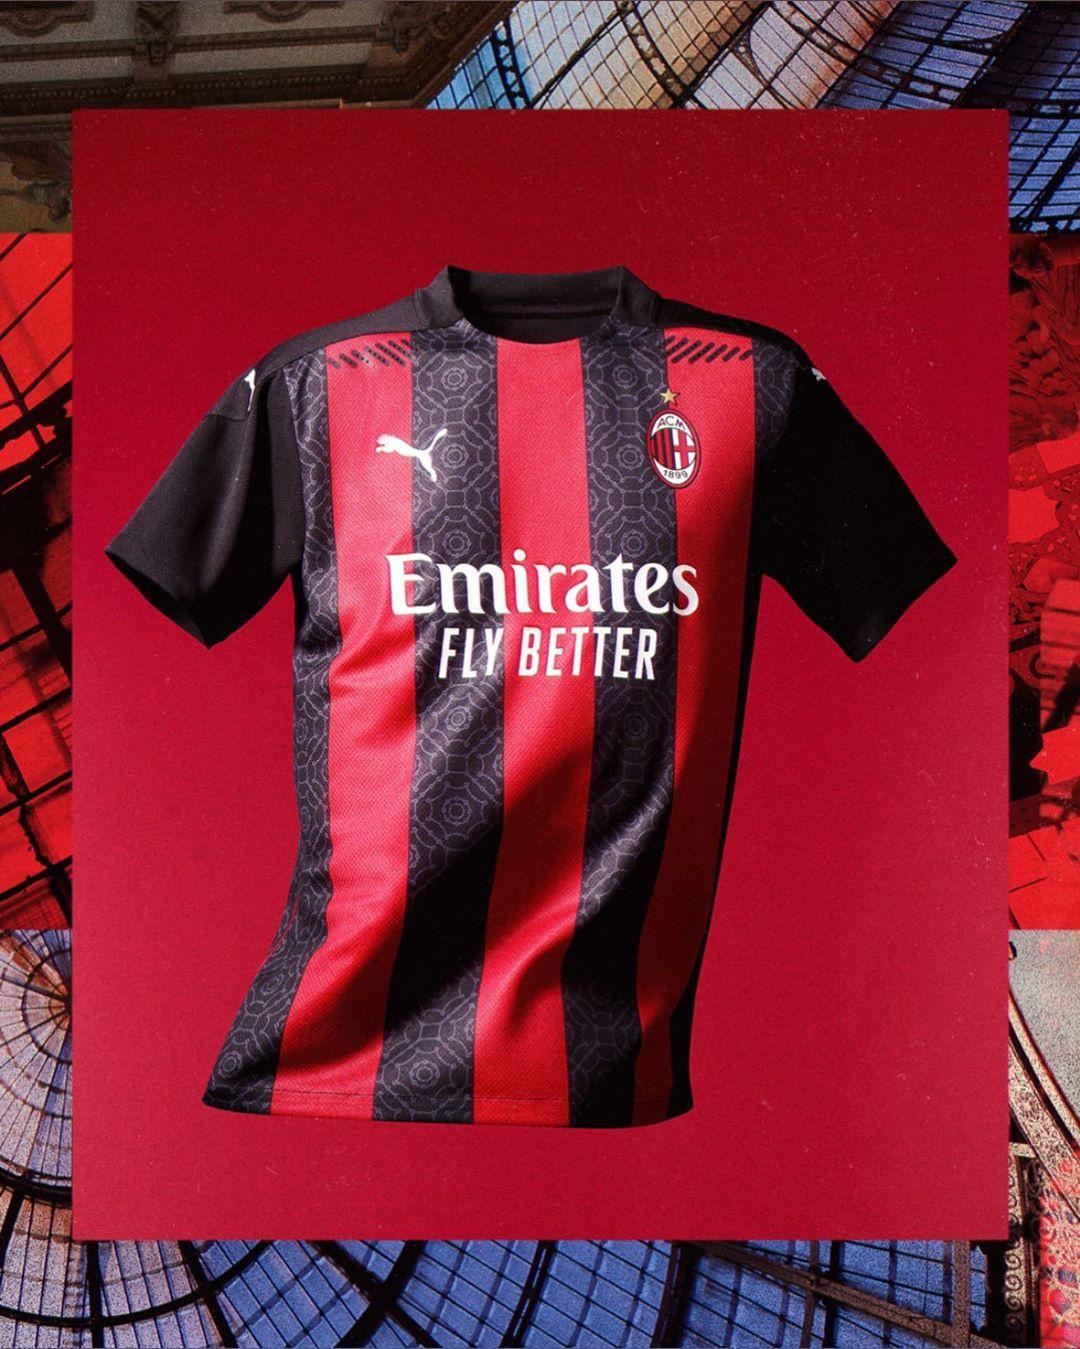 AC米兰队新款球衣正式发布 伊布领衔卖家秀